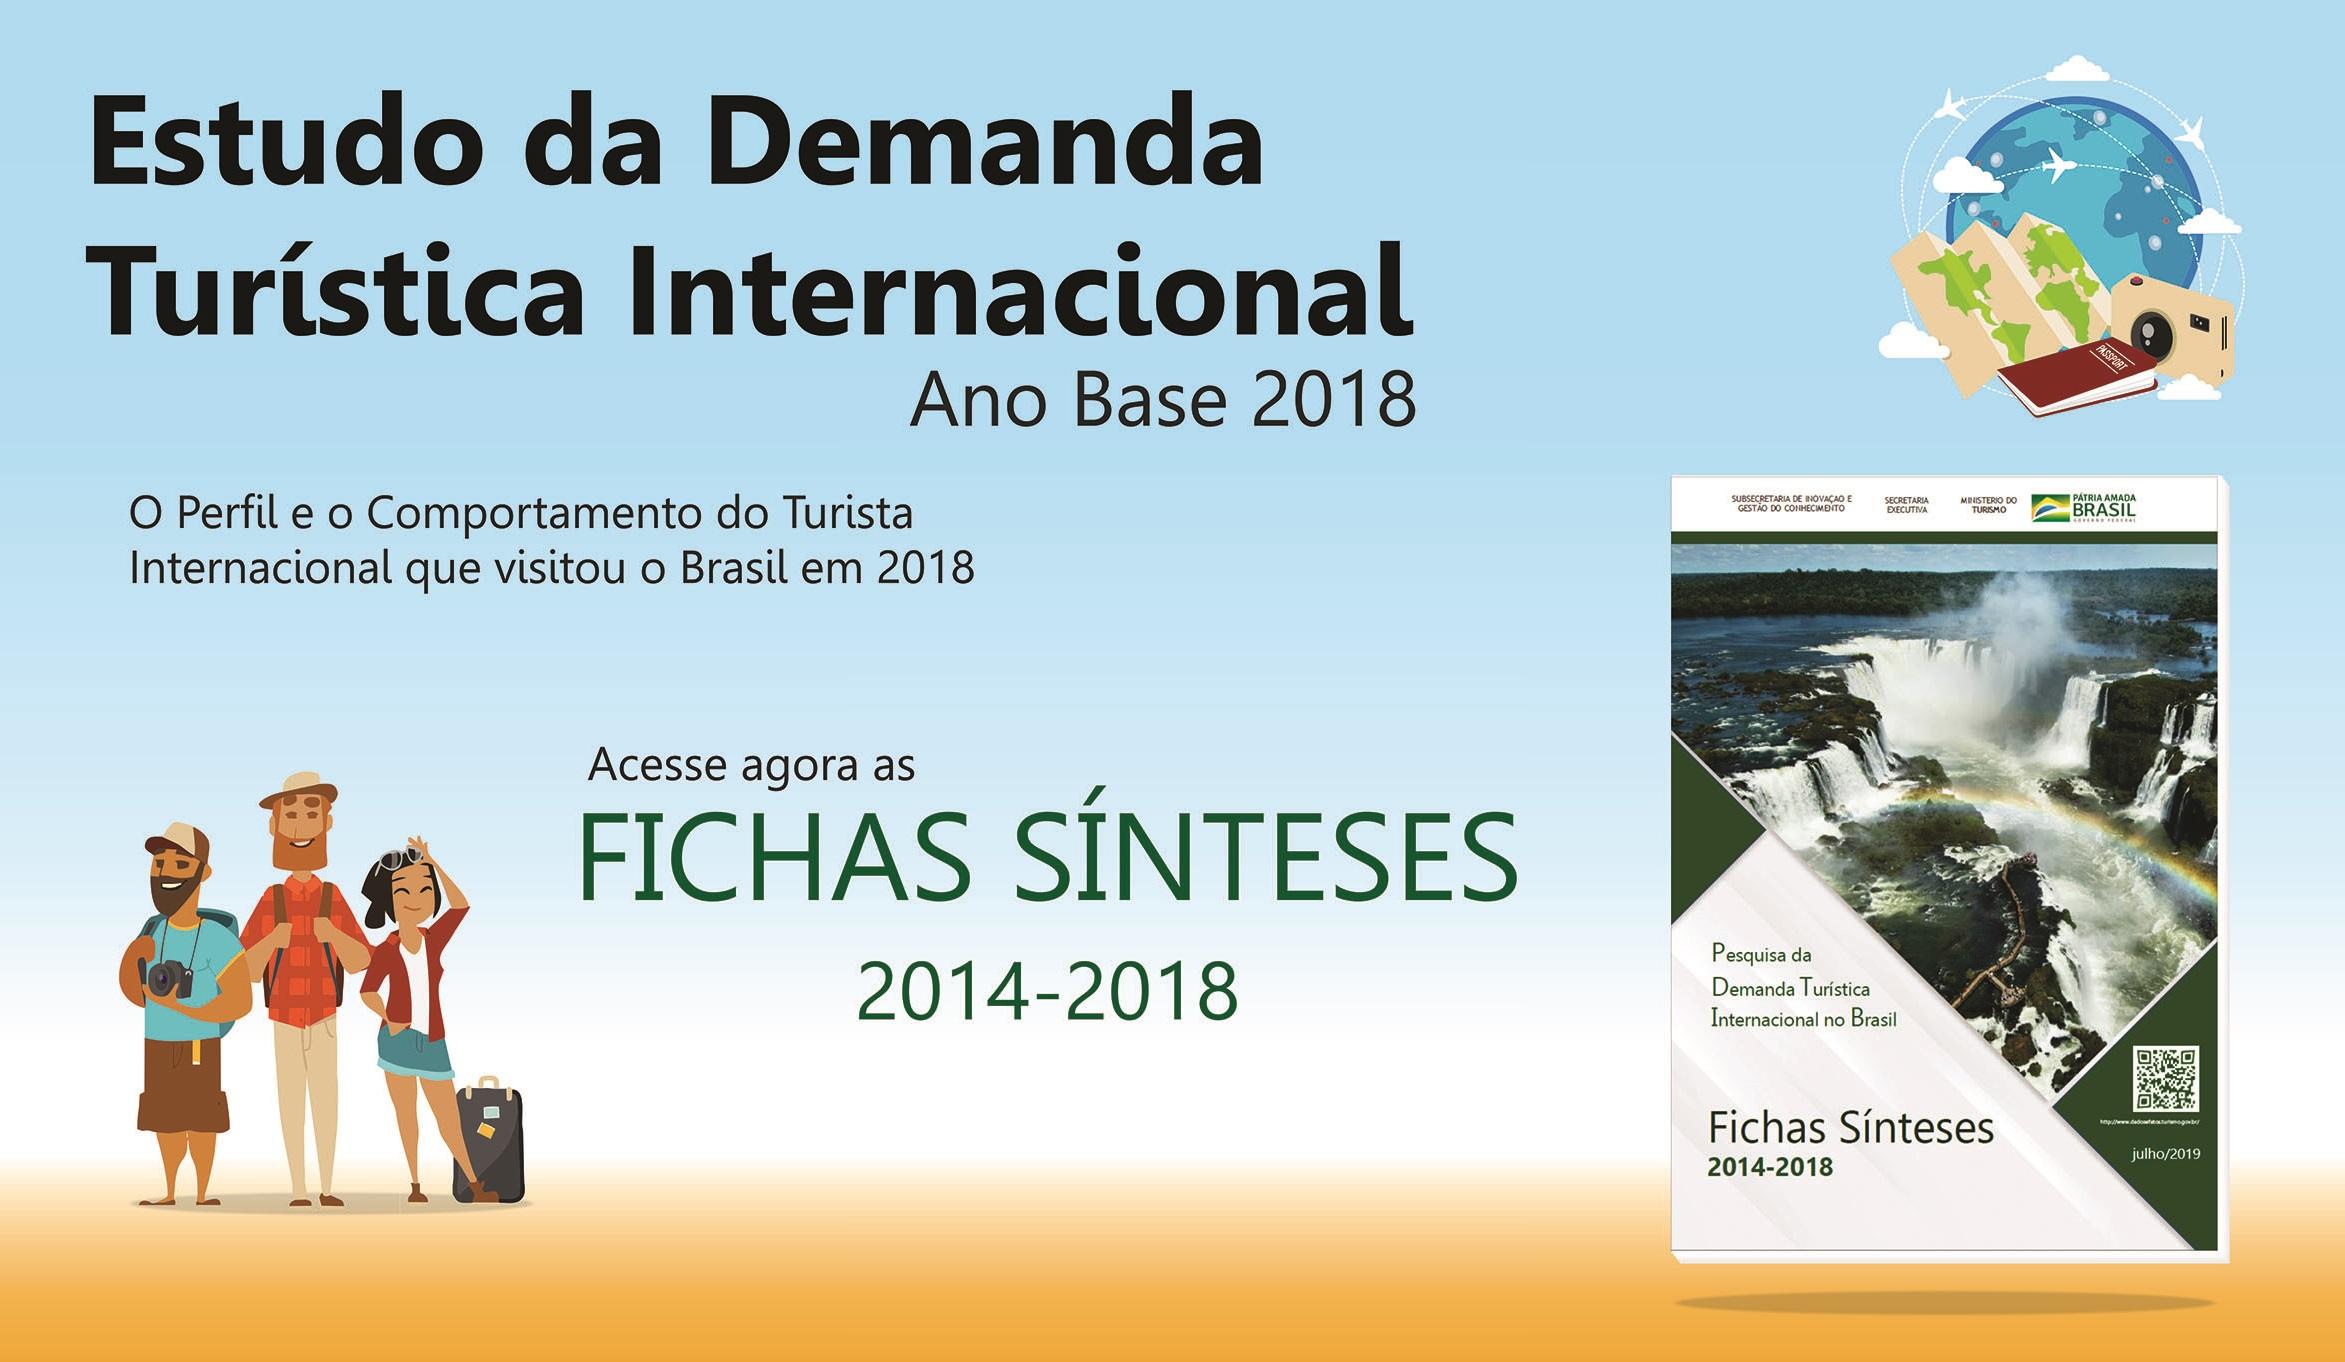 Estudo da Demanda Turística Internacional - Fichas Sínteses 2014-2018